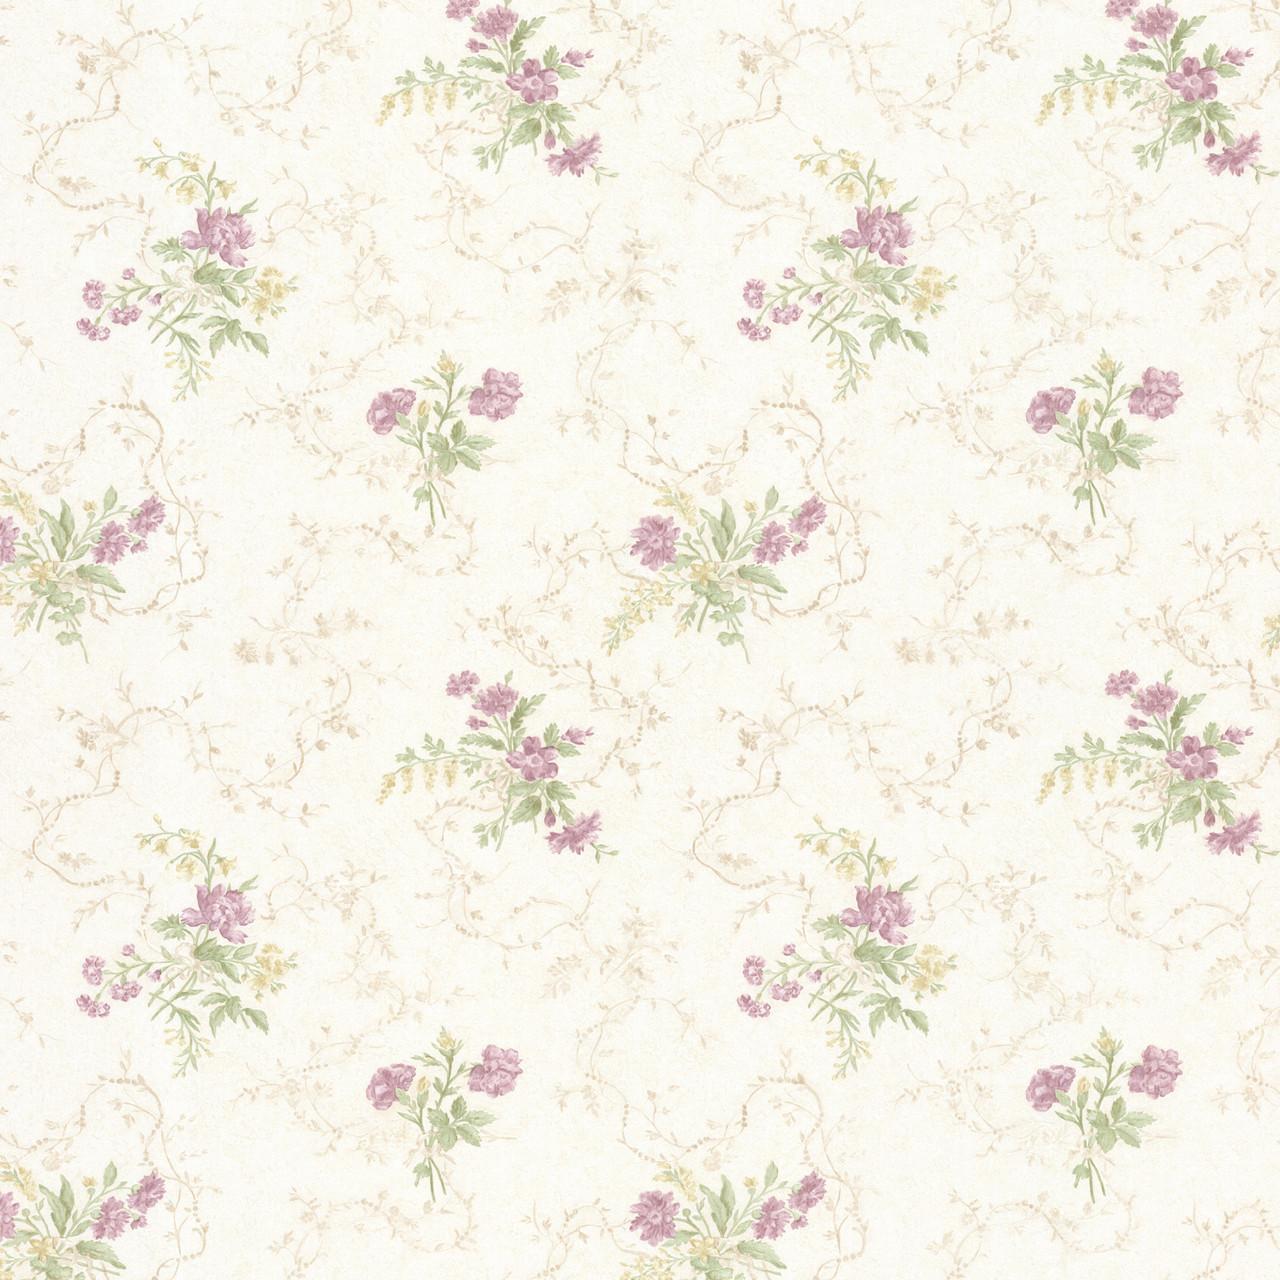 992 68342 Marie Mauve Delicate Floral Bouquet Wallpaper